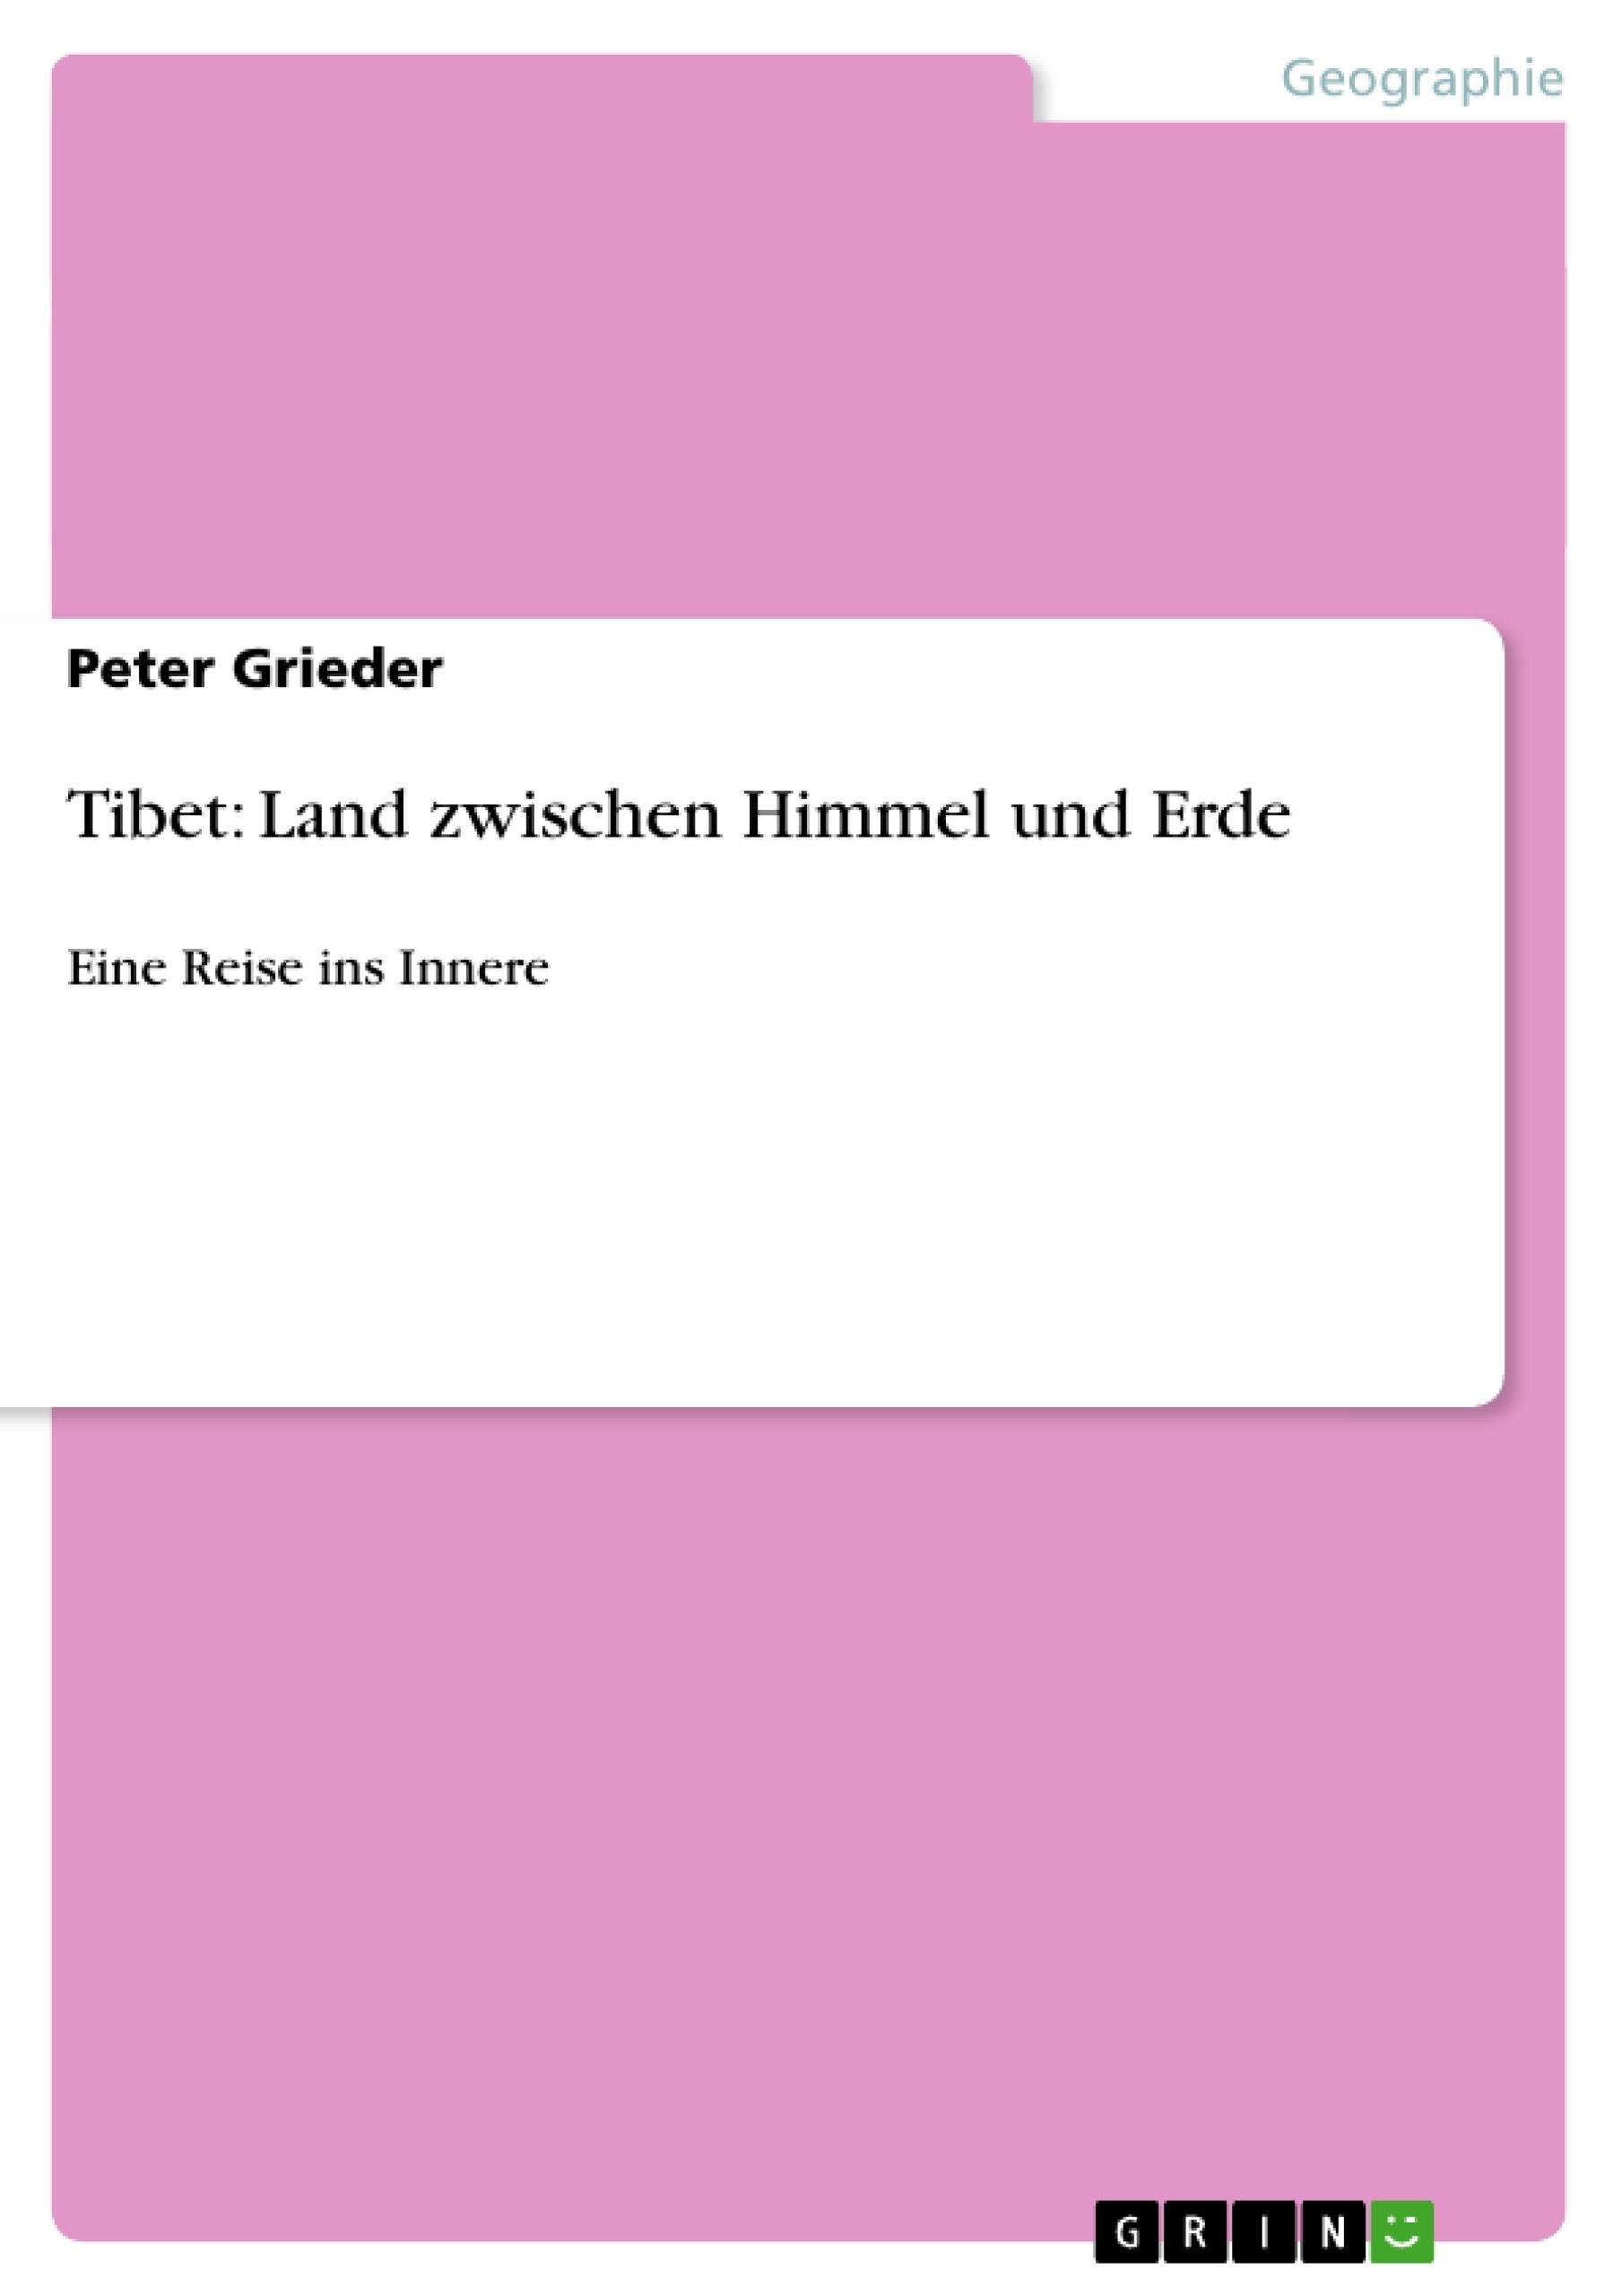 Titel: Tibet: Land zwischen Himmel und Erde